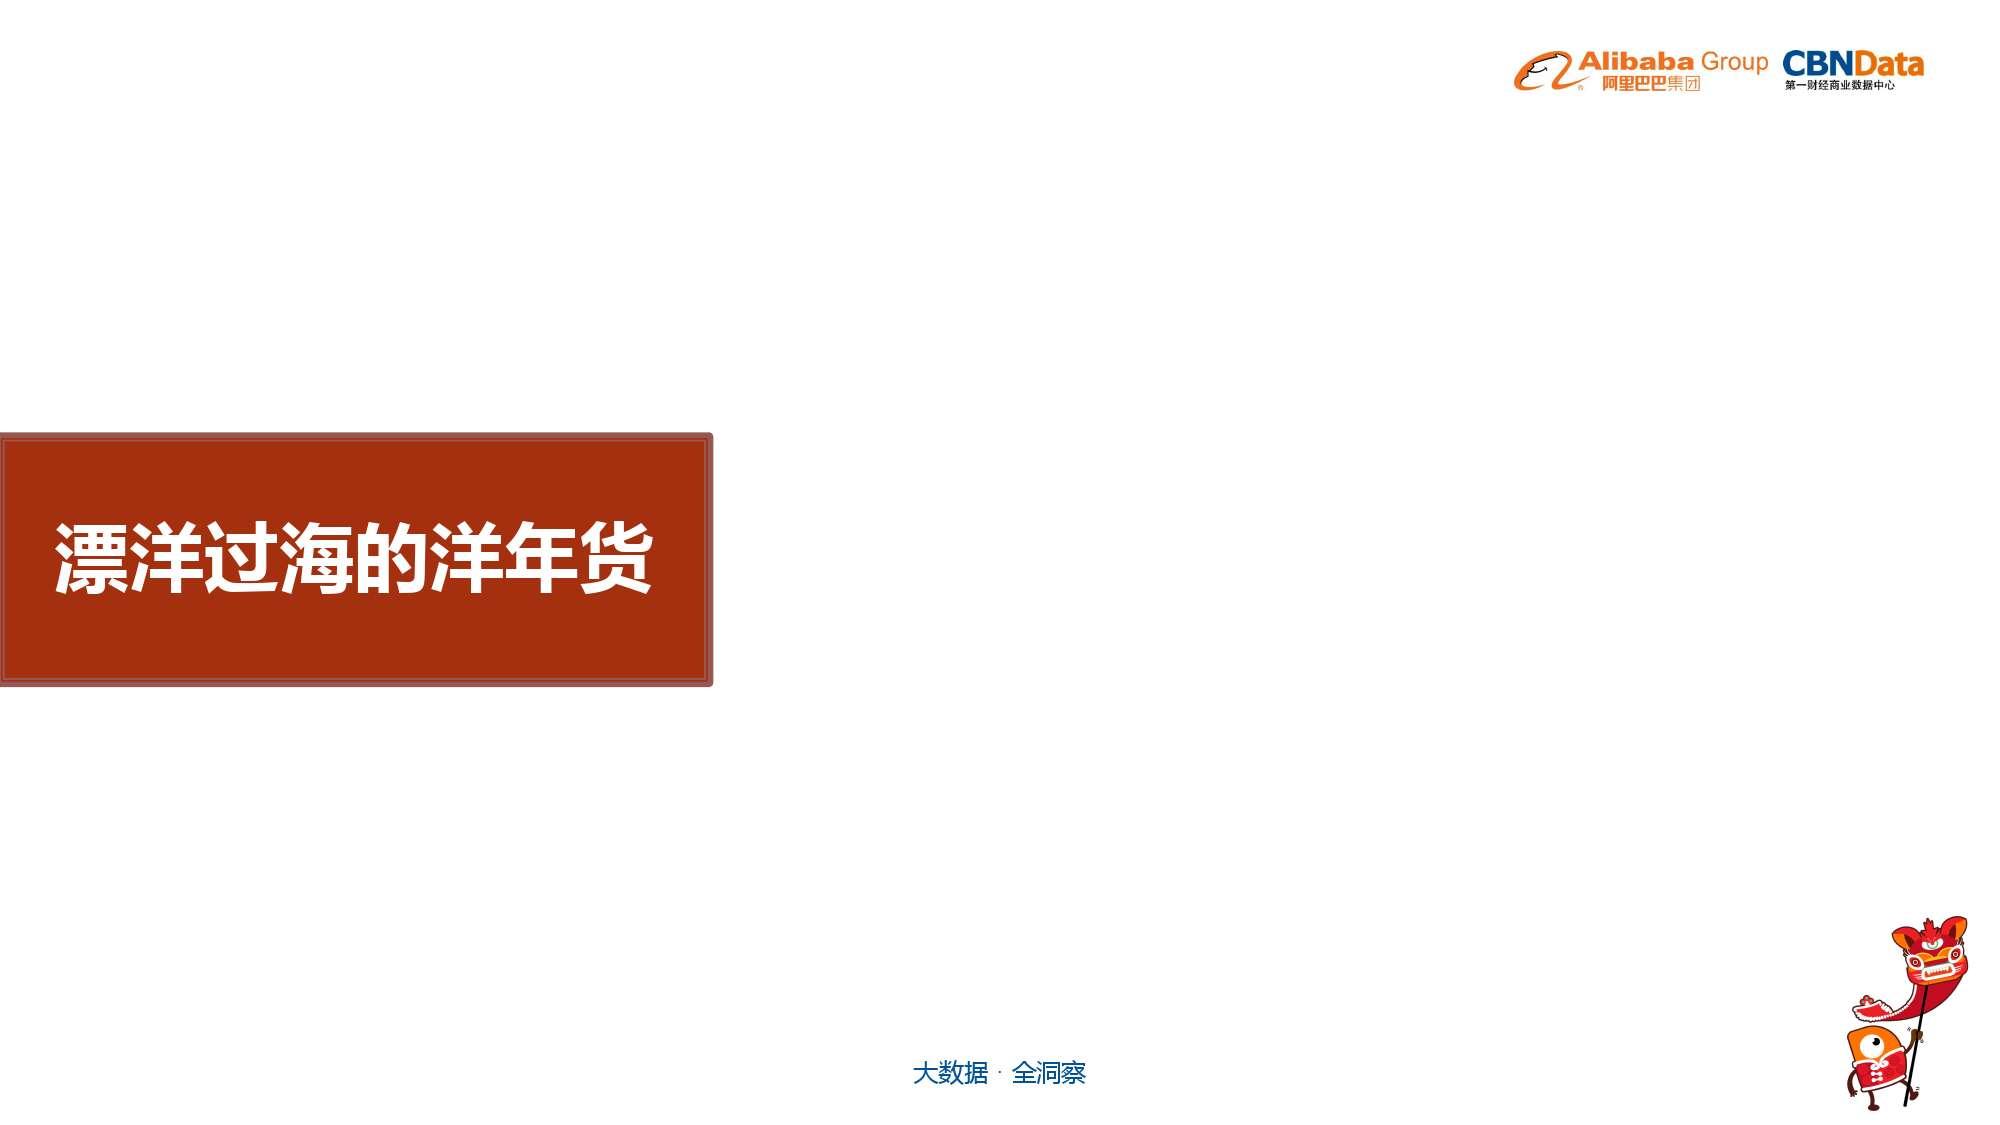 中国年货大数据报告_000023